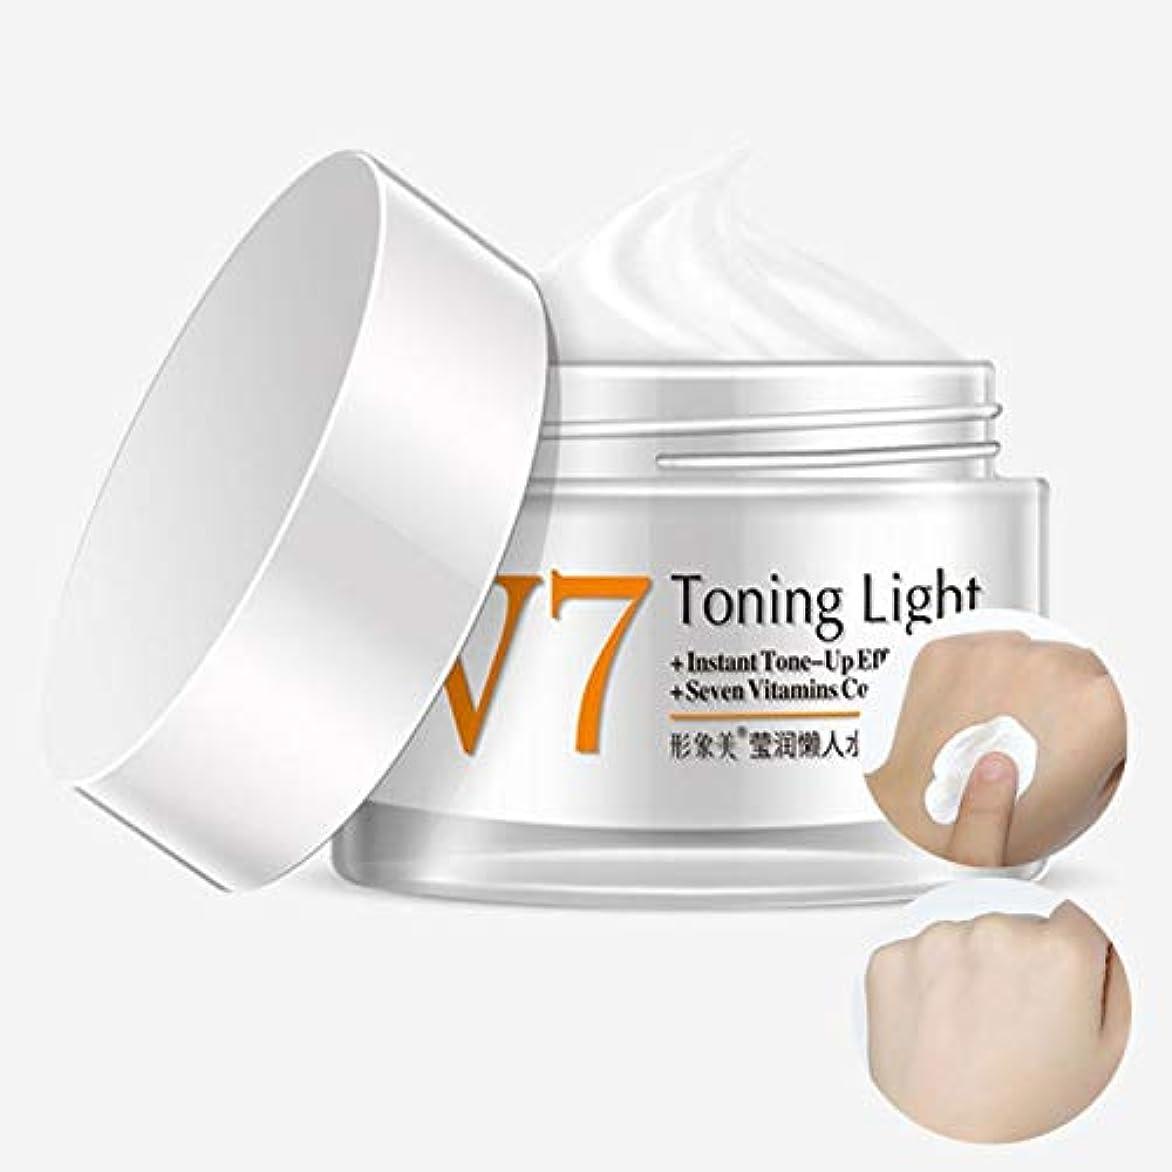 フライト能力ロッカー寧デイクリーム保湿洗顔Clsing保湿栄養フェイシャルケア2017コー化粧品50グラム